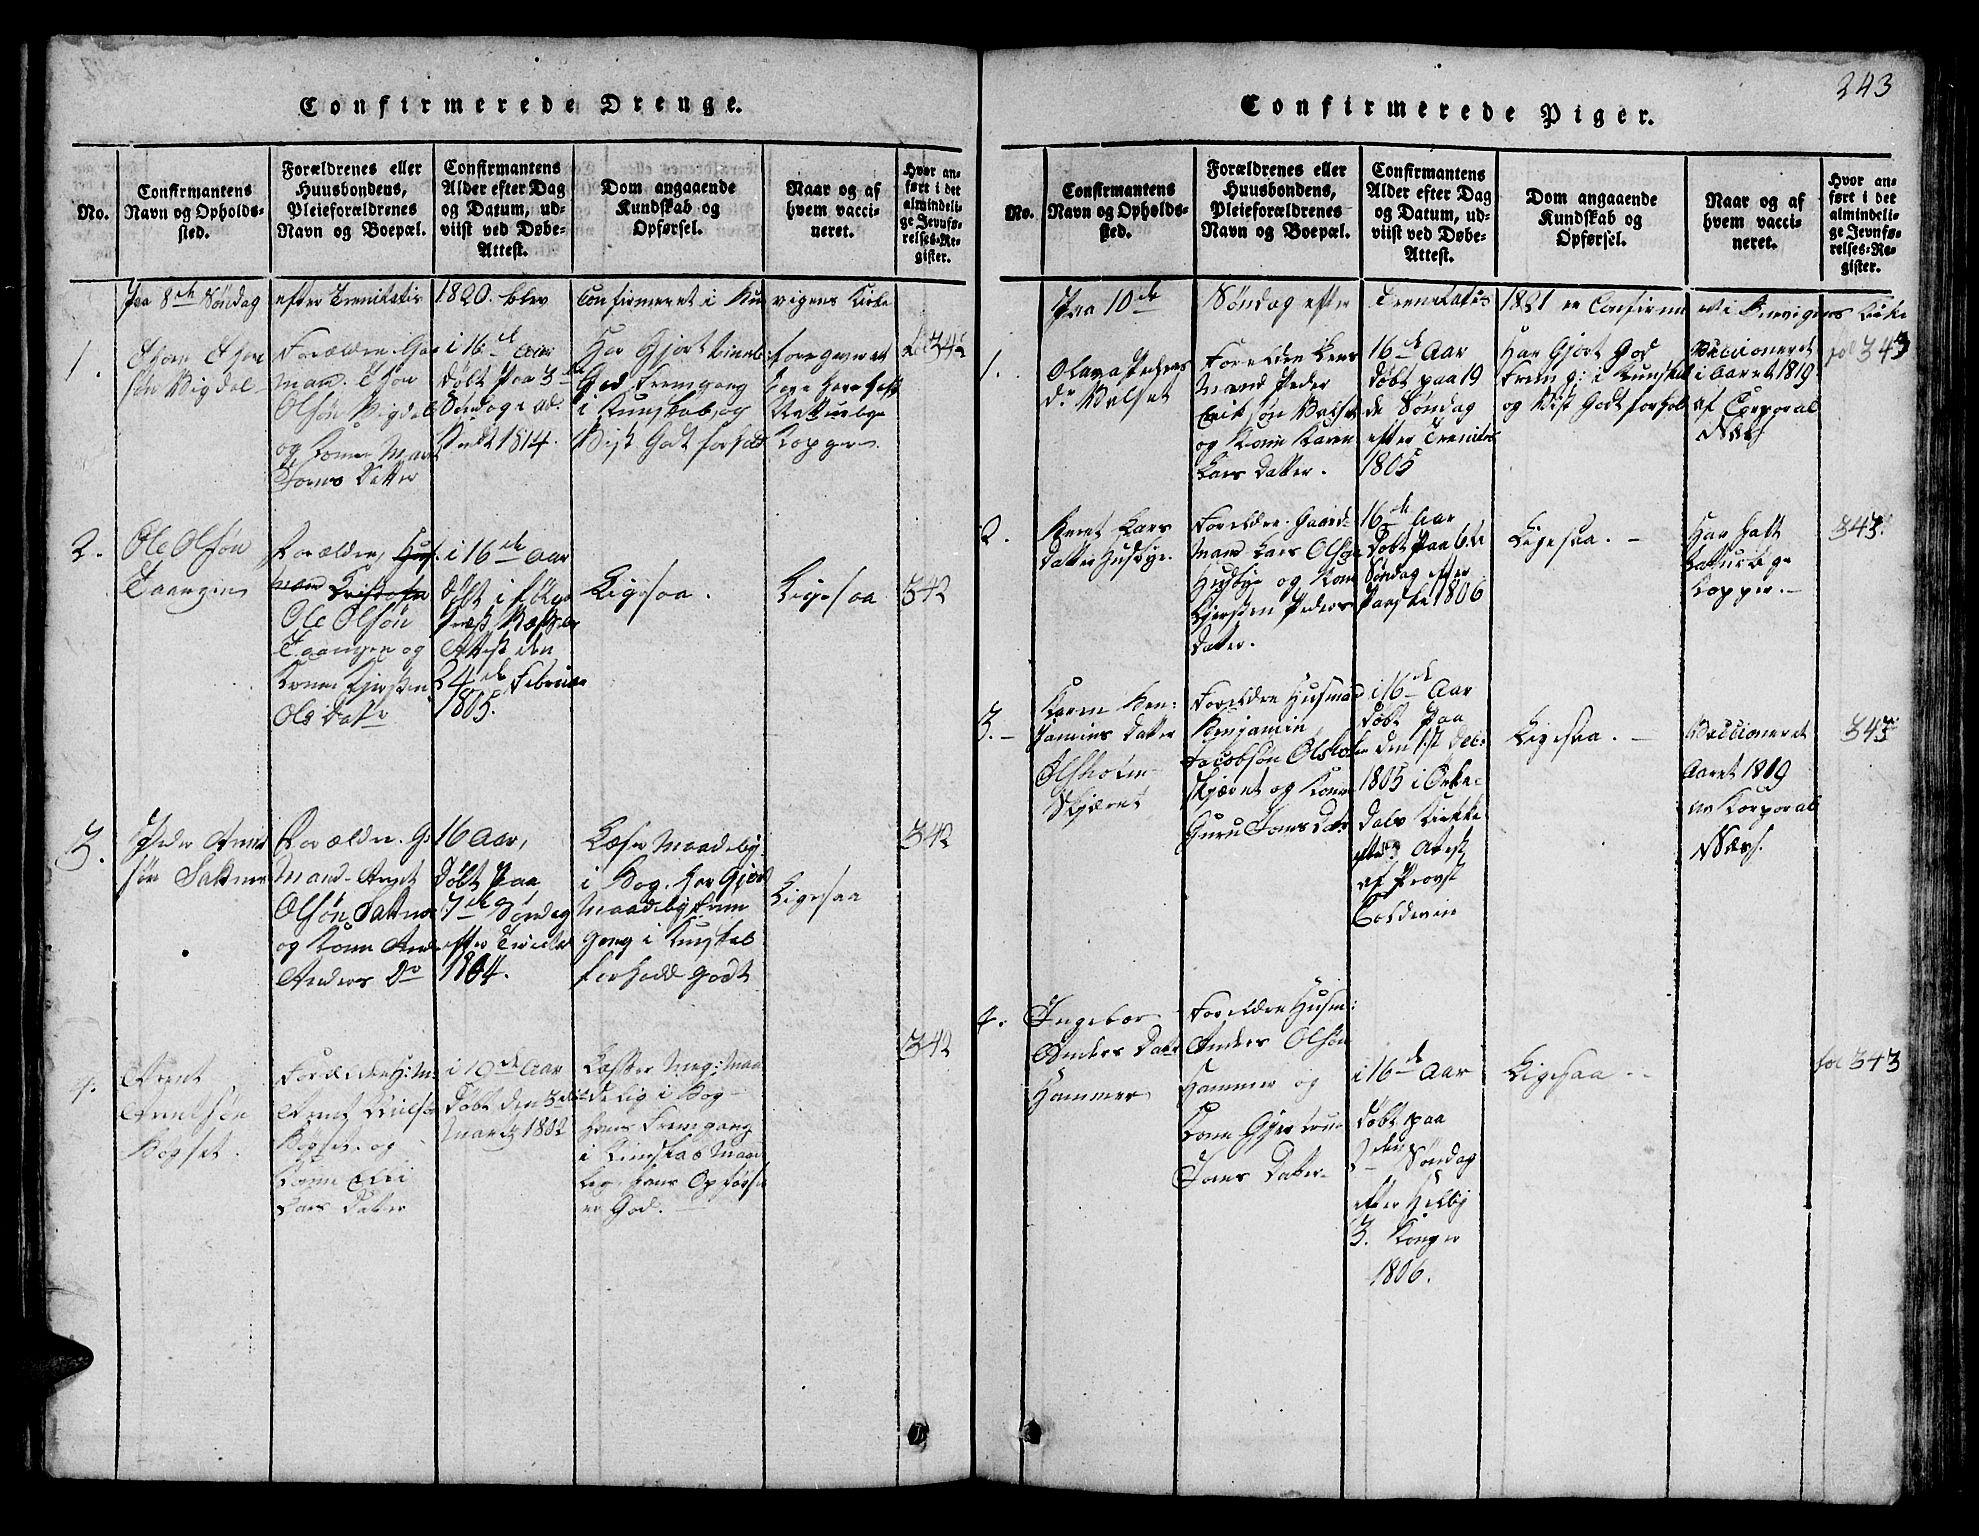 SAT, Ministerialprotokoller, klokkerbøker og fødselsregistre - Sør-Trøndelag, 666/L0788: Klokkerbok nr. 666C01, 1816-1847, s. 243